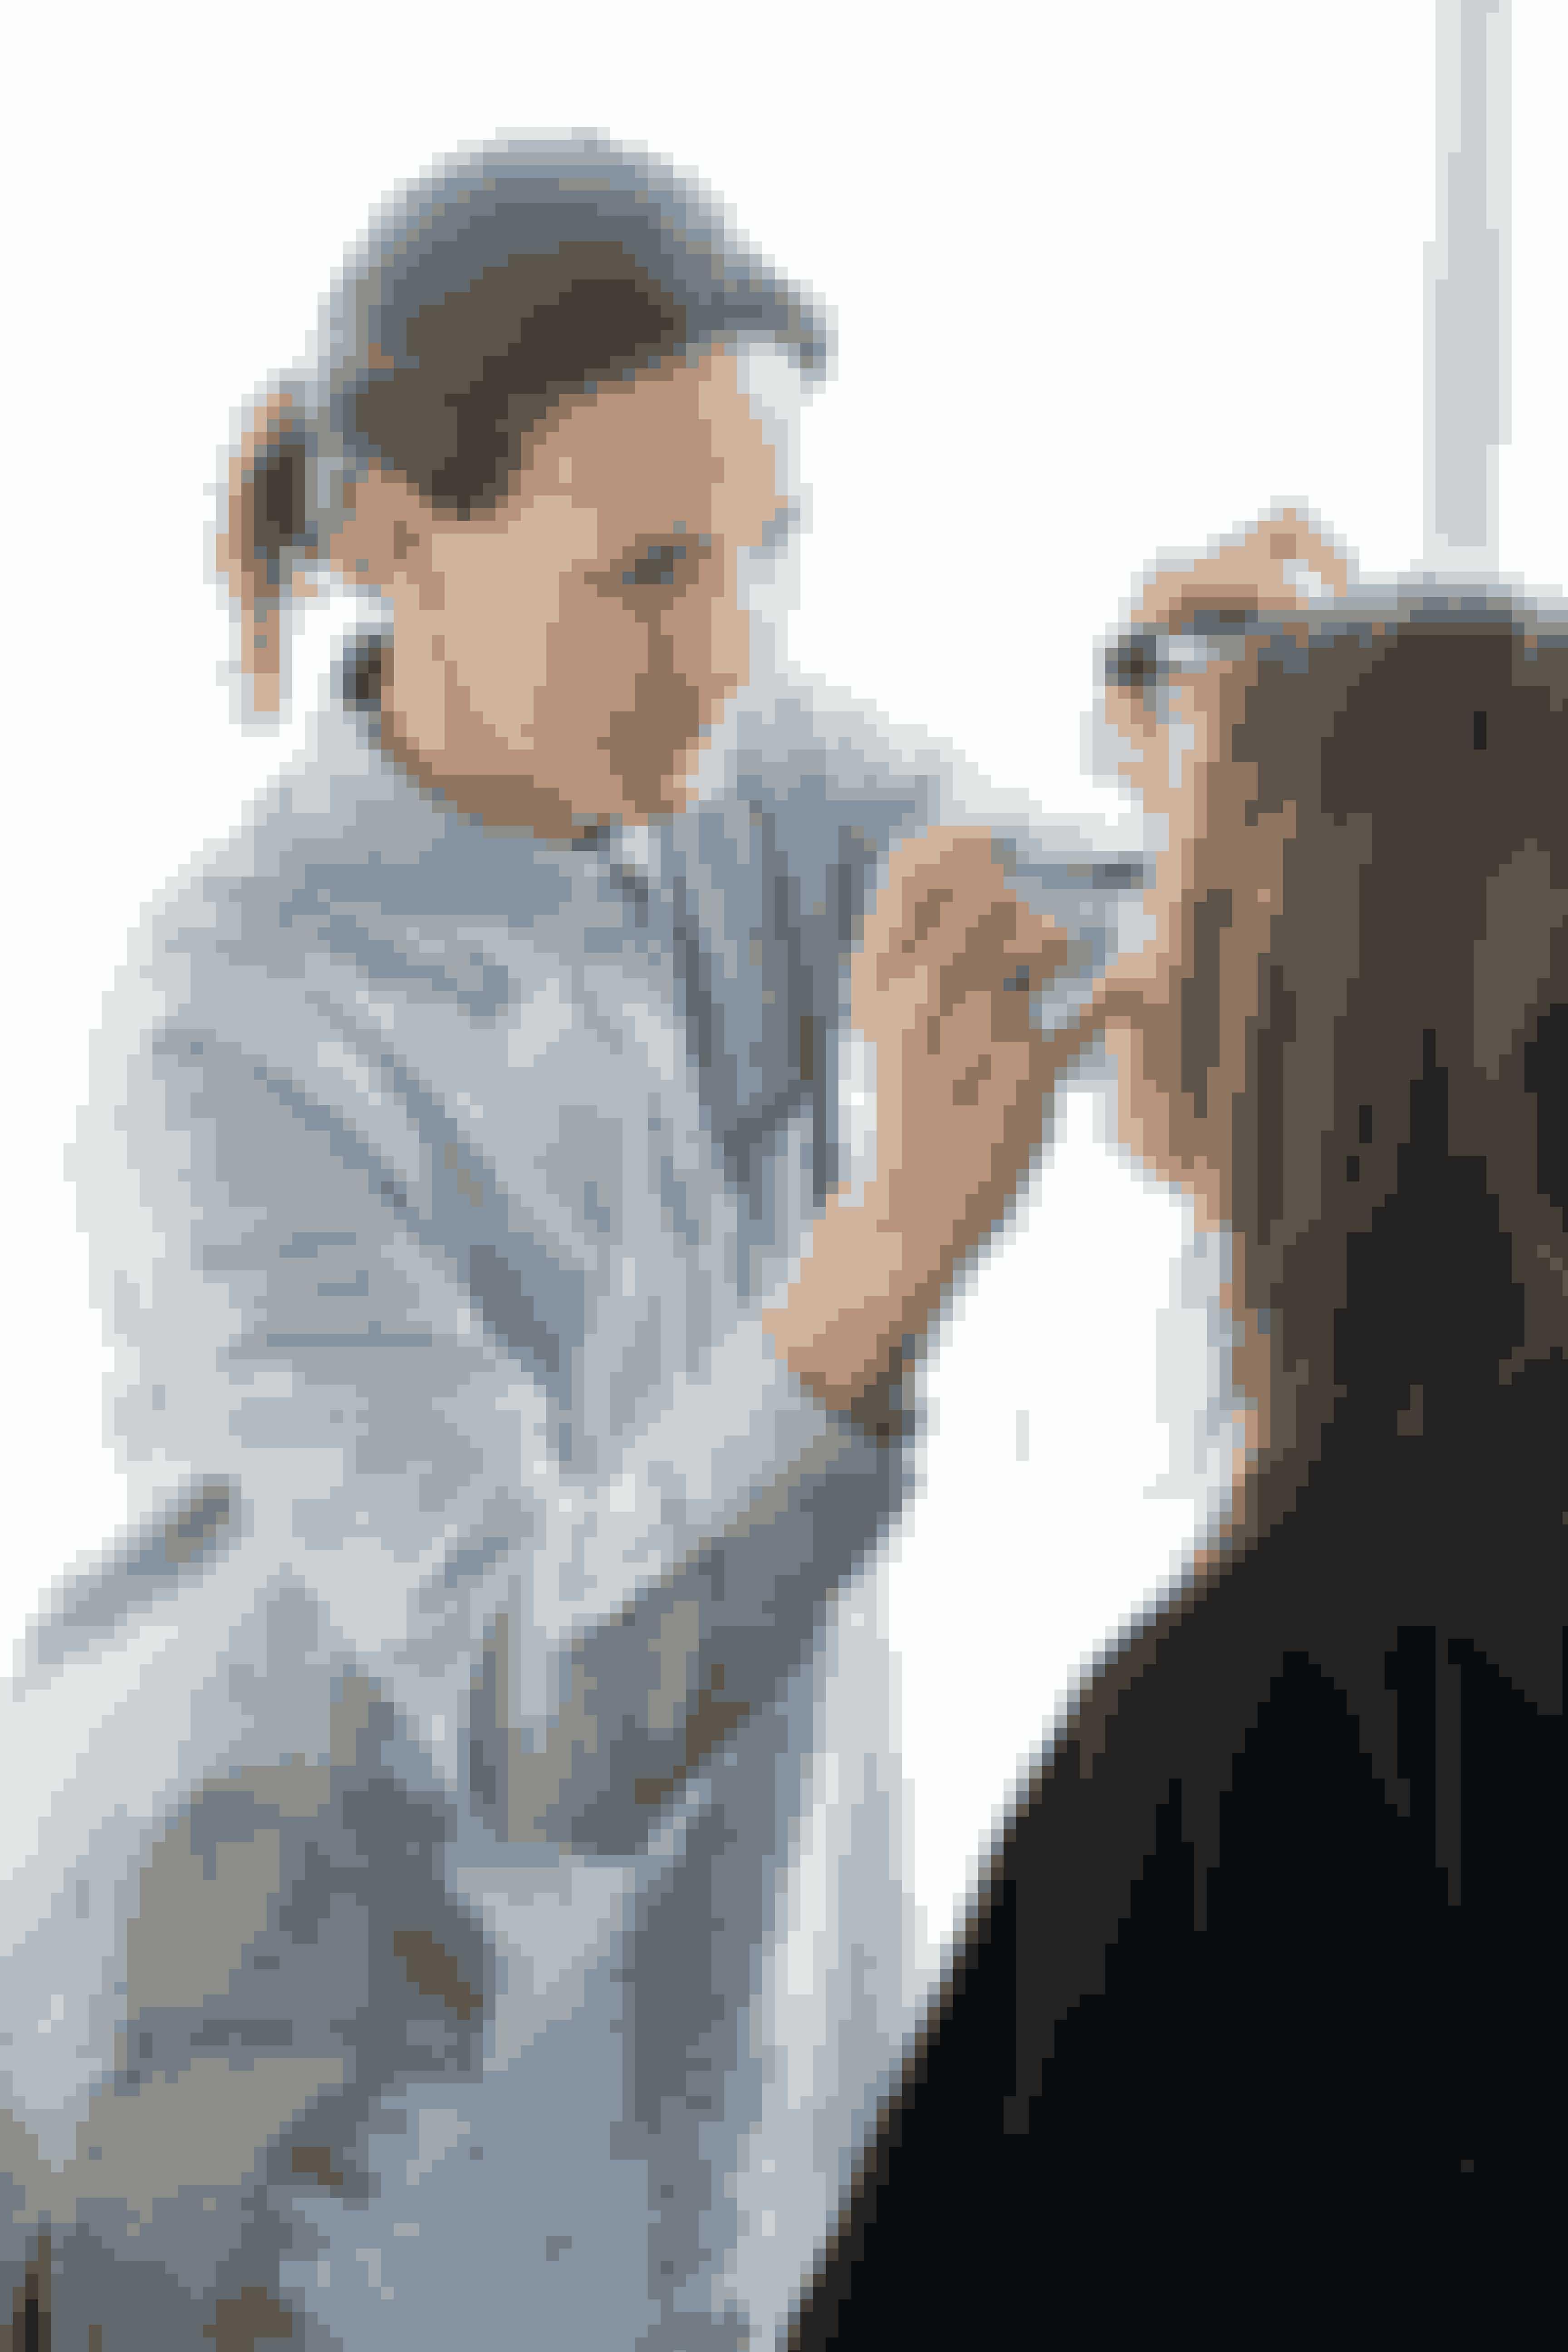 """Makeupartist Louise Trajano sørger for, at Karins hud er dejlig fugtig, inden hun begynder at putte makeup på. På den måde er det nemmere at lægge en god makeup. Hun begynder med at lægge foundation på huden for at give en god base at arbejde med. """"Karins hud er ret fin og uden dybe porer, så derfor undgår jeg bevidst at bruge en primer under huden,"""" fortæller Louise. Hun lægger lidt concealer under øjnene, som hun blander med creme, for at undgå at den bliver for tyk. På kinderne lægger Louise et tyndt lag pudder.På det yderste af øjenlåget og op til globelinjen lægger Louise en lilla øjenskygge. Ovenover lægger hun en mat, lys øjenskygge, som går op til brynet, og ved det inderste af øjet lægges en rosa øjenskygge med perlemor, som blendes sammen med den lilla øjenskygge. Den lilla øjenskygge lægges også under øjet for at indramme det. Afslutningsvis lægges en mascara, og læberne får lidt gloss."""